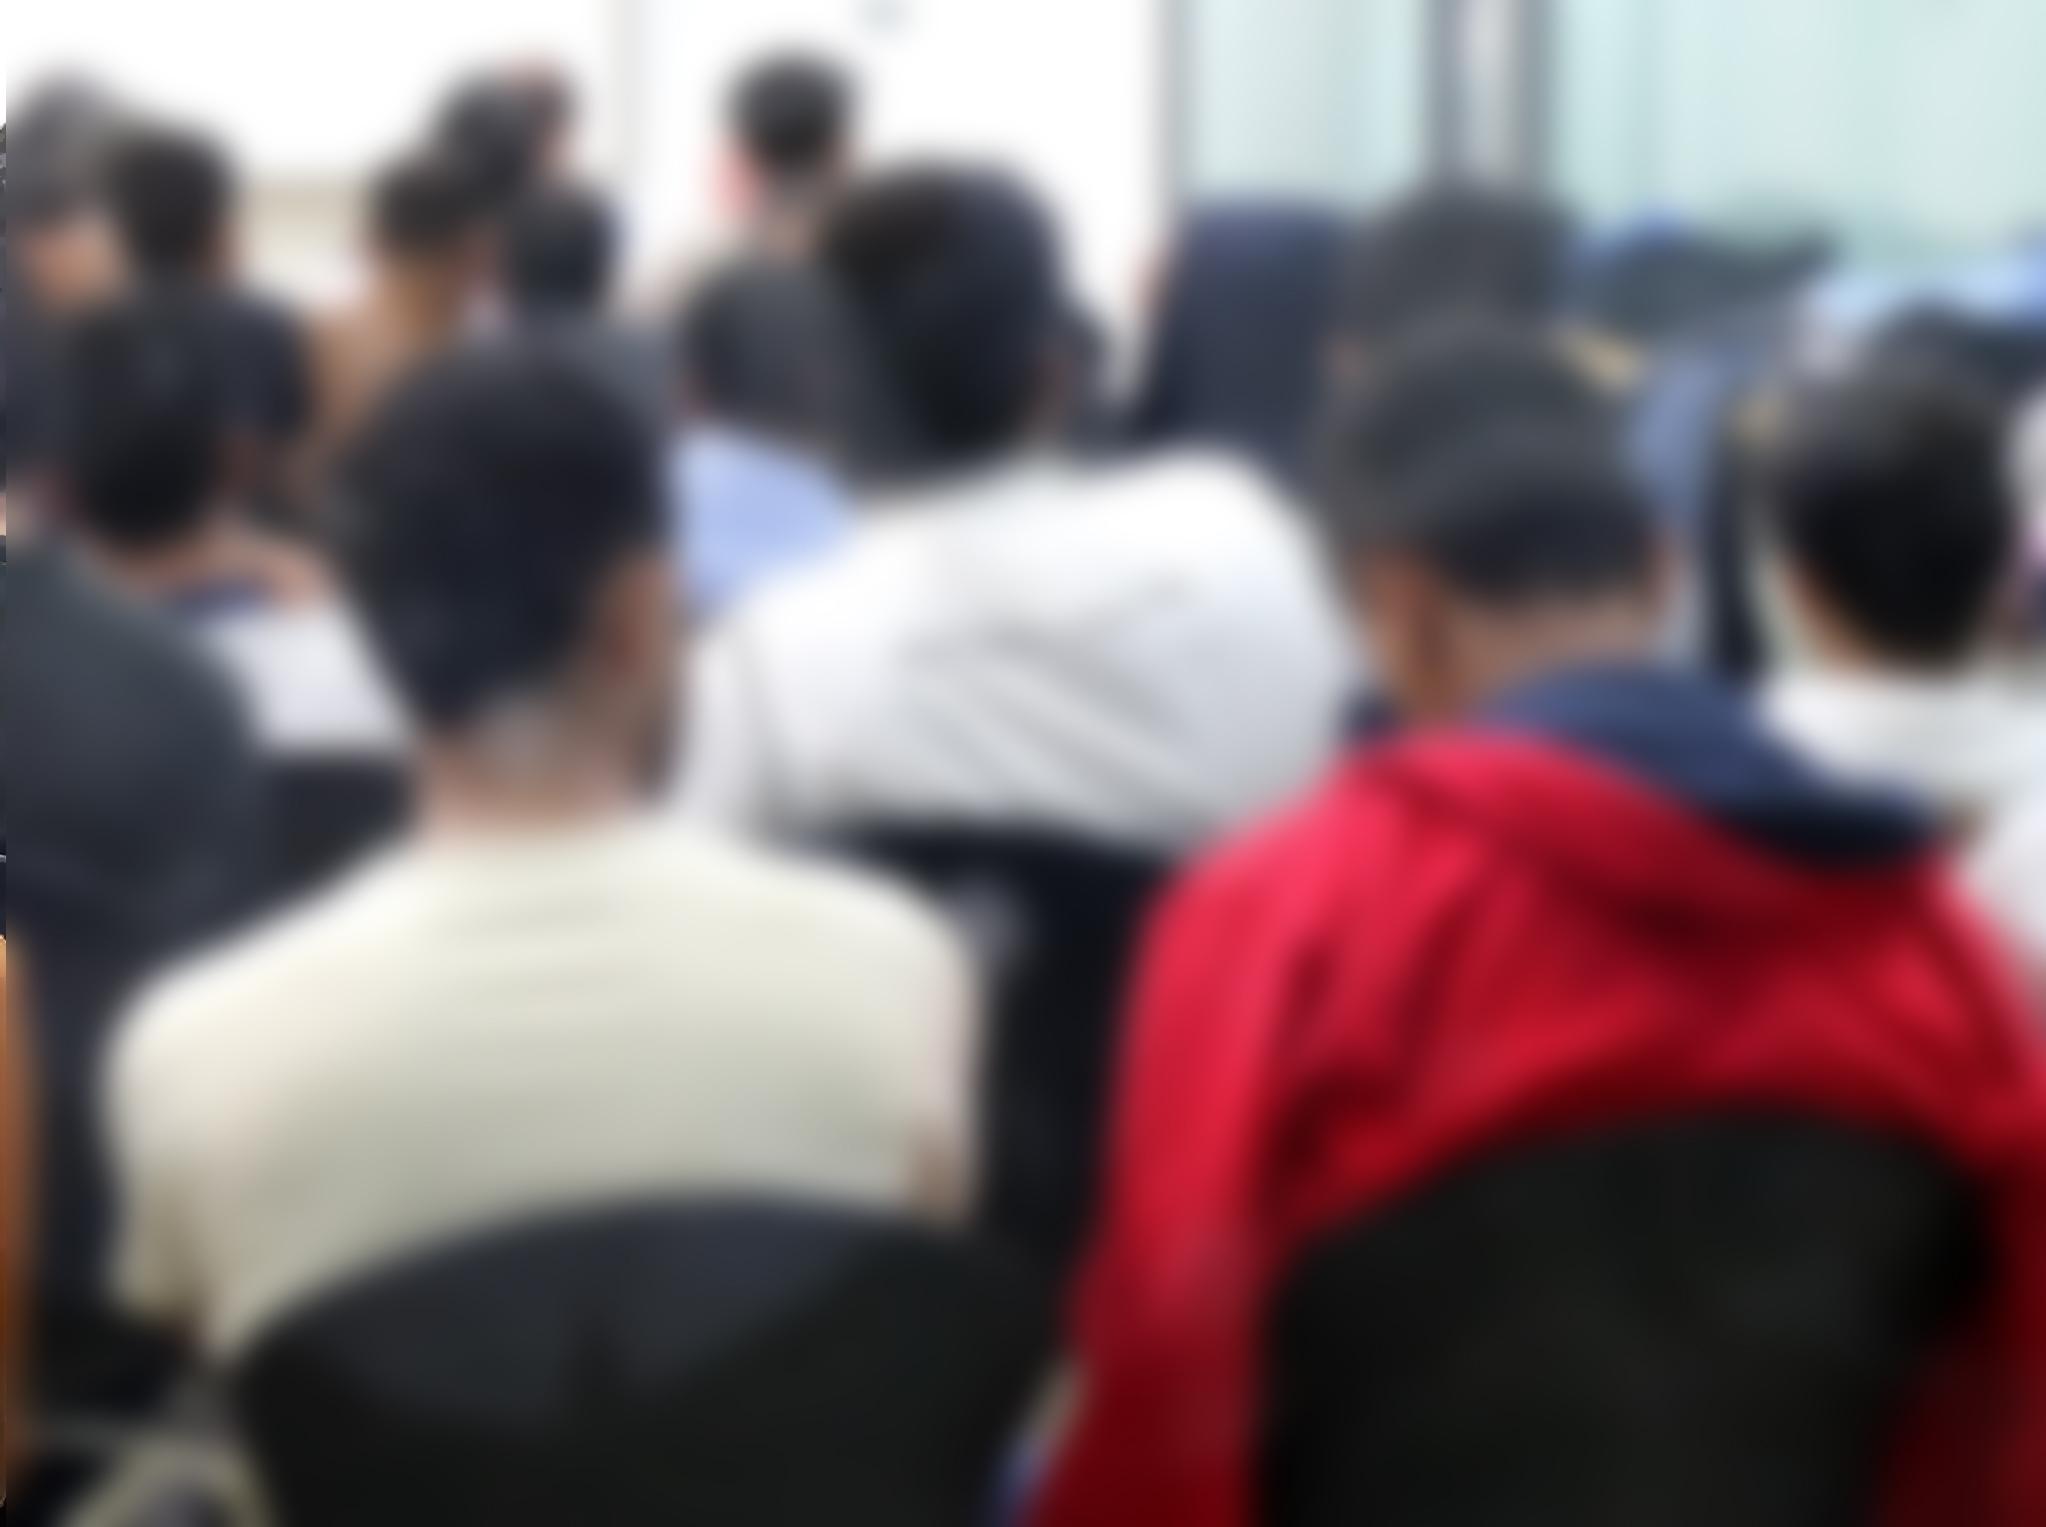 예멘 난민 신청자들이 29일 제주시 제주이주민센터에서 국가인권위원회의 인권상담을 위해 대기하고 있다. [뉴스1]